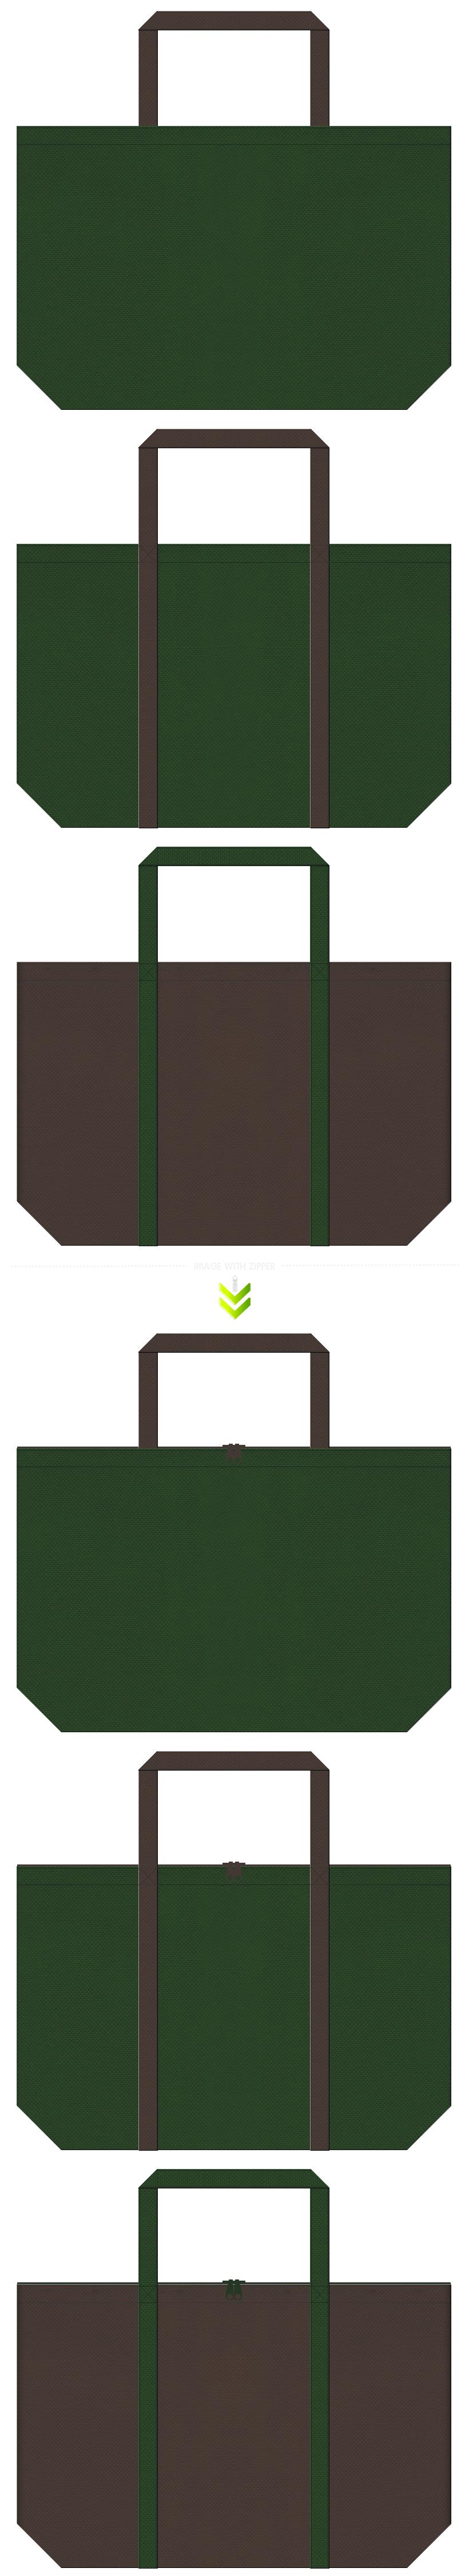 黒板・ビリヤード台・カジノ・ルーレット・もみの木・登山・アウトドア・キャンプ・迷彩色・密林・アマゾン・ジャングル・探検・アニマル・恐竜・ゲーム・テーマパーク・メンズ・アンティーク・ヴィンテージ・ワイルド感のあるエコバッグにお奨めの不織布バッグデザイン:濃緑色・深緑色とこげ茶色のコーデ